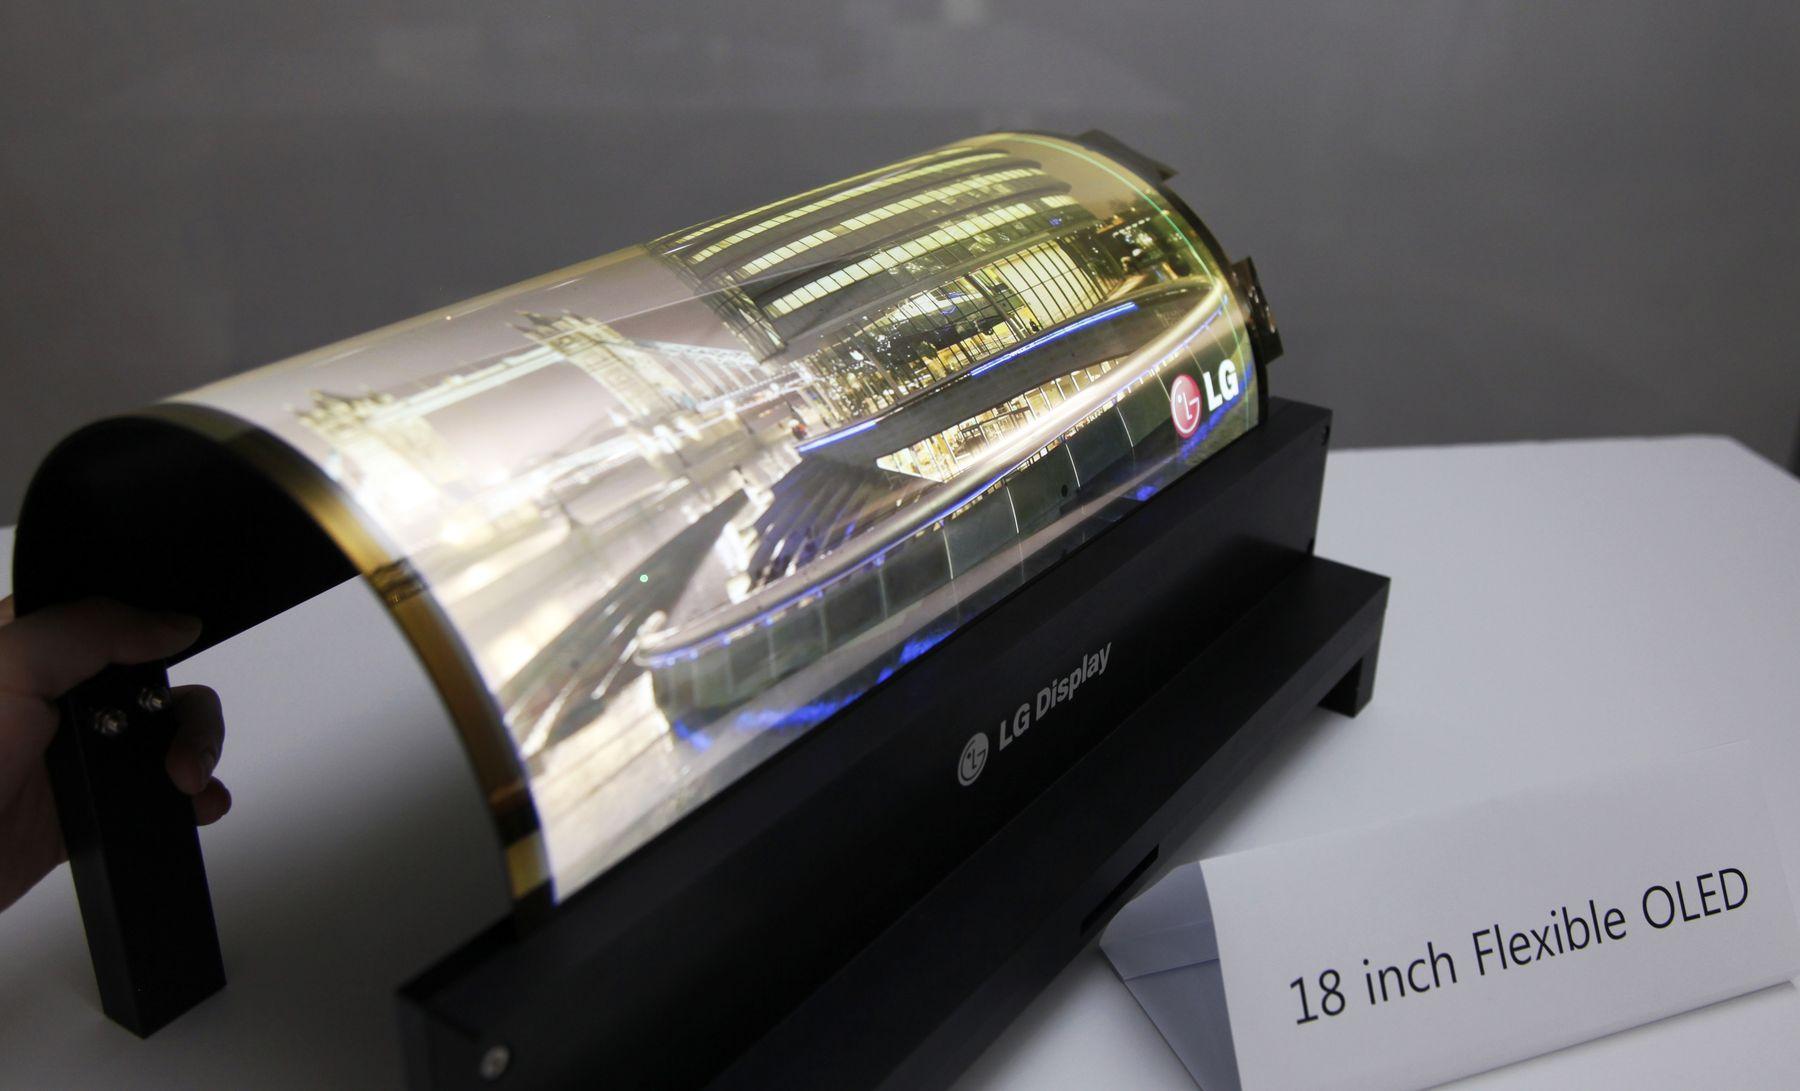 تحلیلگران پایان کمبود نمایشگرهای OLED انعطاف پذیر را به این زودیها نمیبینند